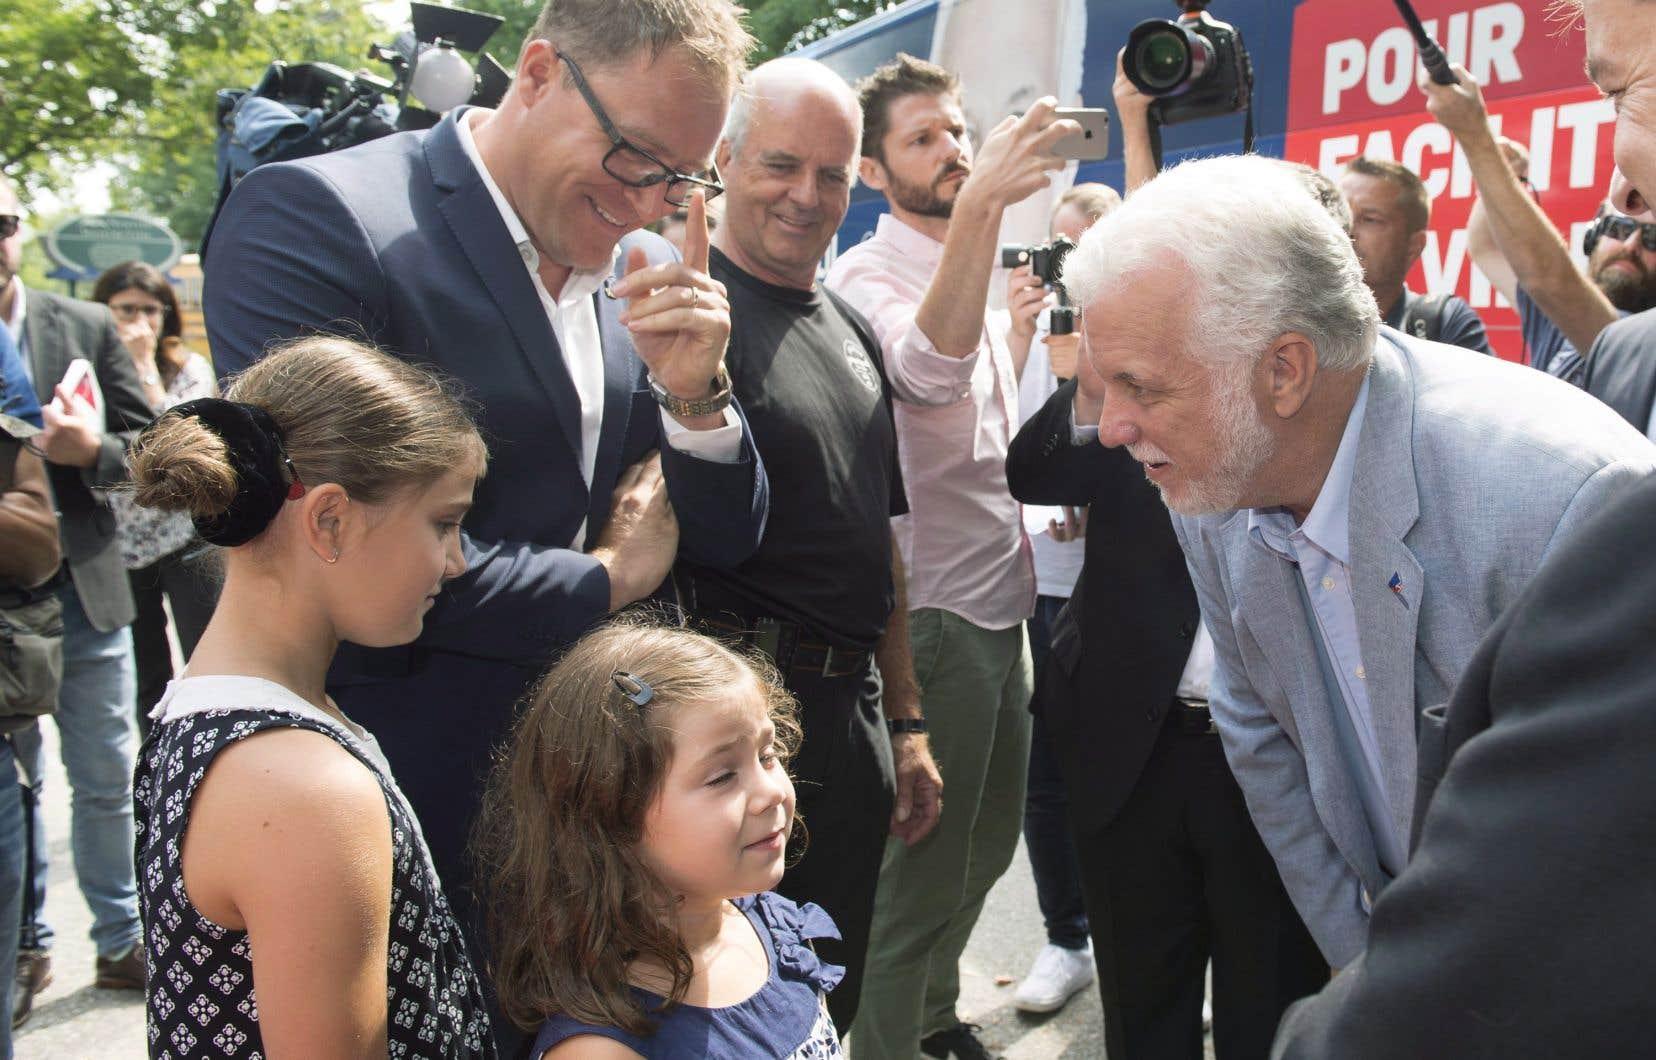 Philippe Couillard bonifie une promesse faite par son prédécesseur, Jean Charest, en 2012 consistant à étendre la couverture des soins dentaires de base aux enfants de 10 à 16ans.